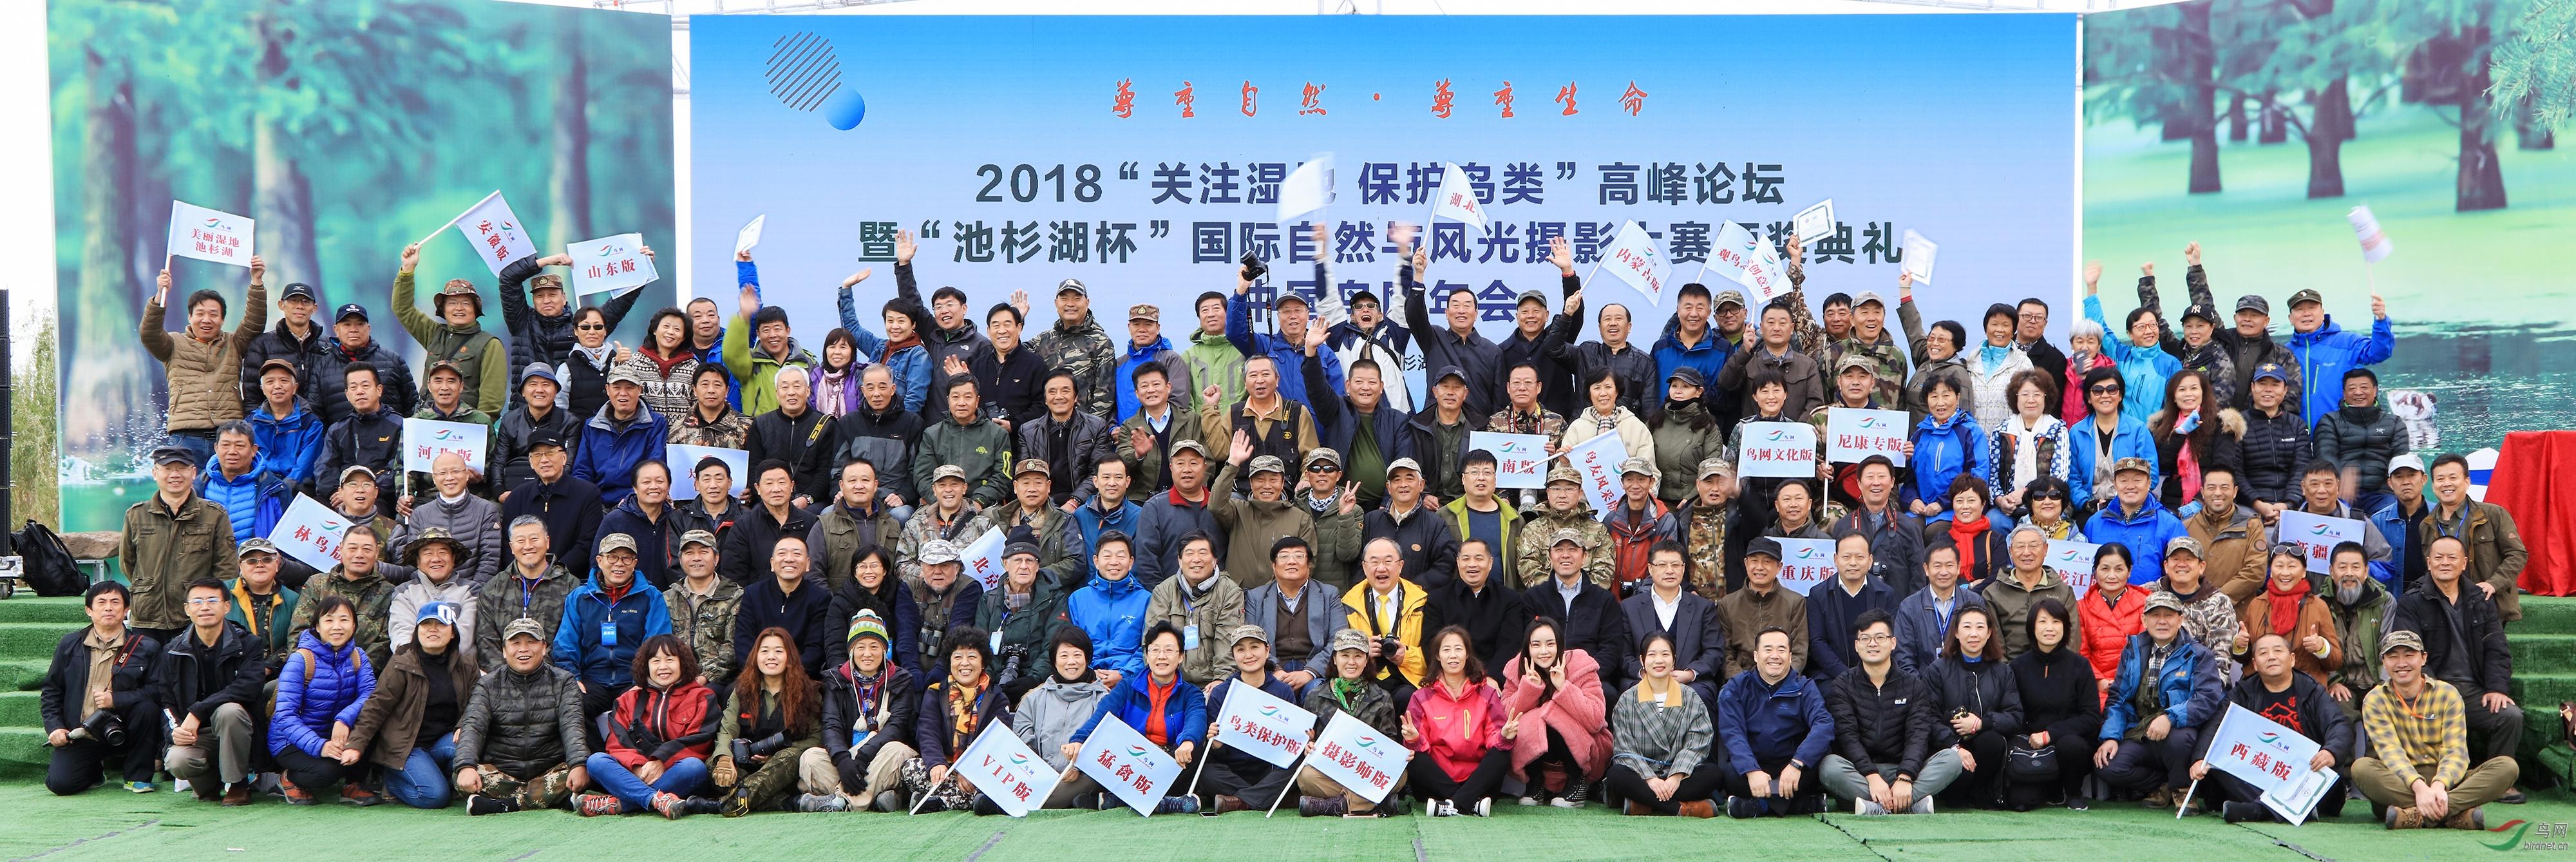 鸟网年会合影-20181117-小图.jpg